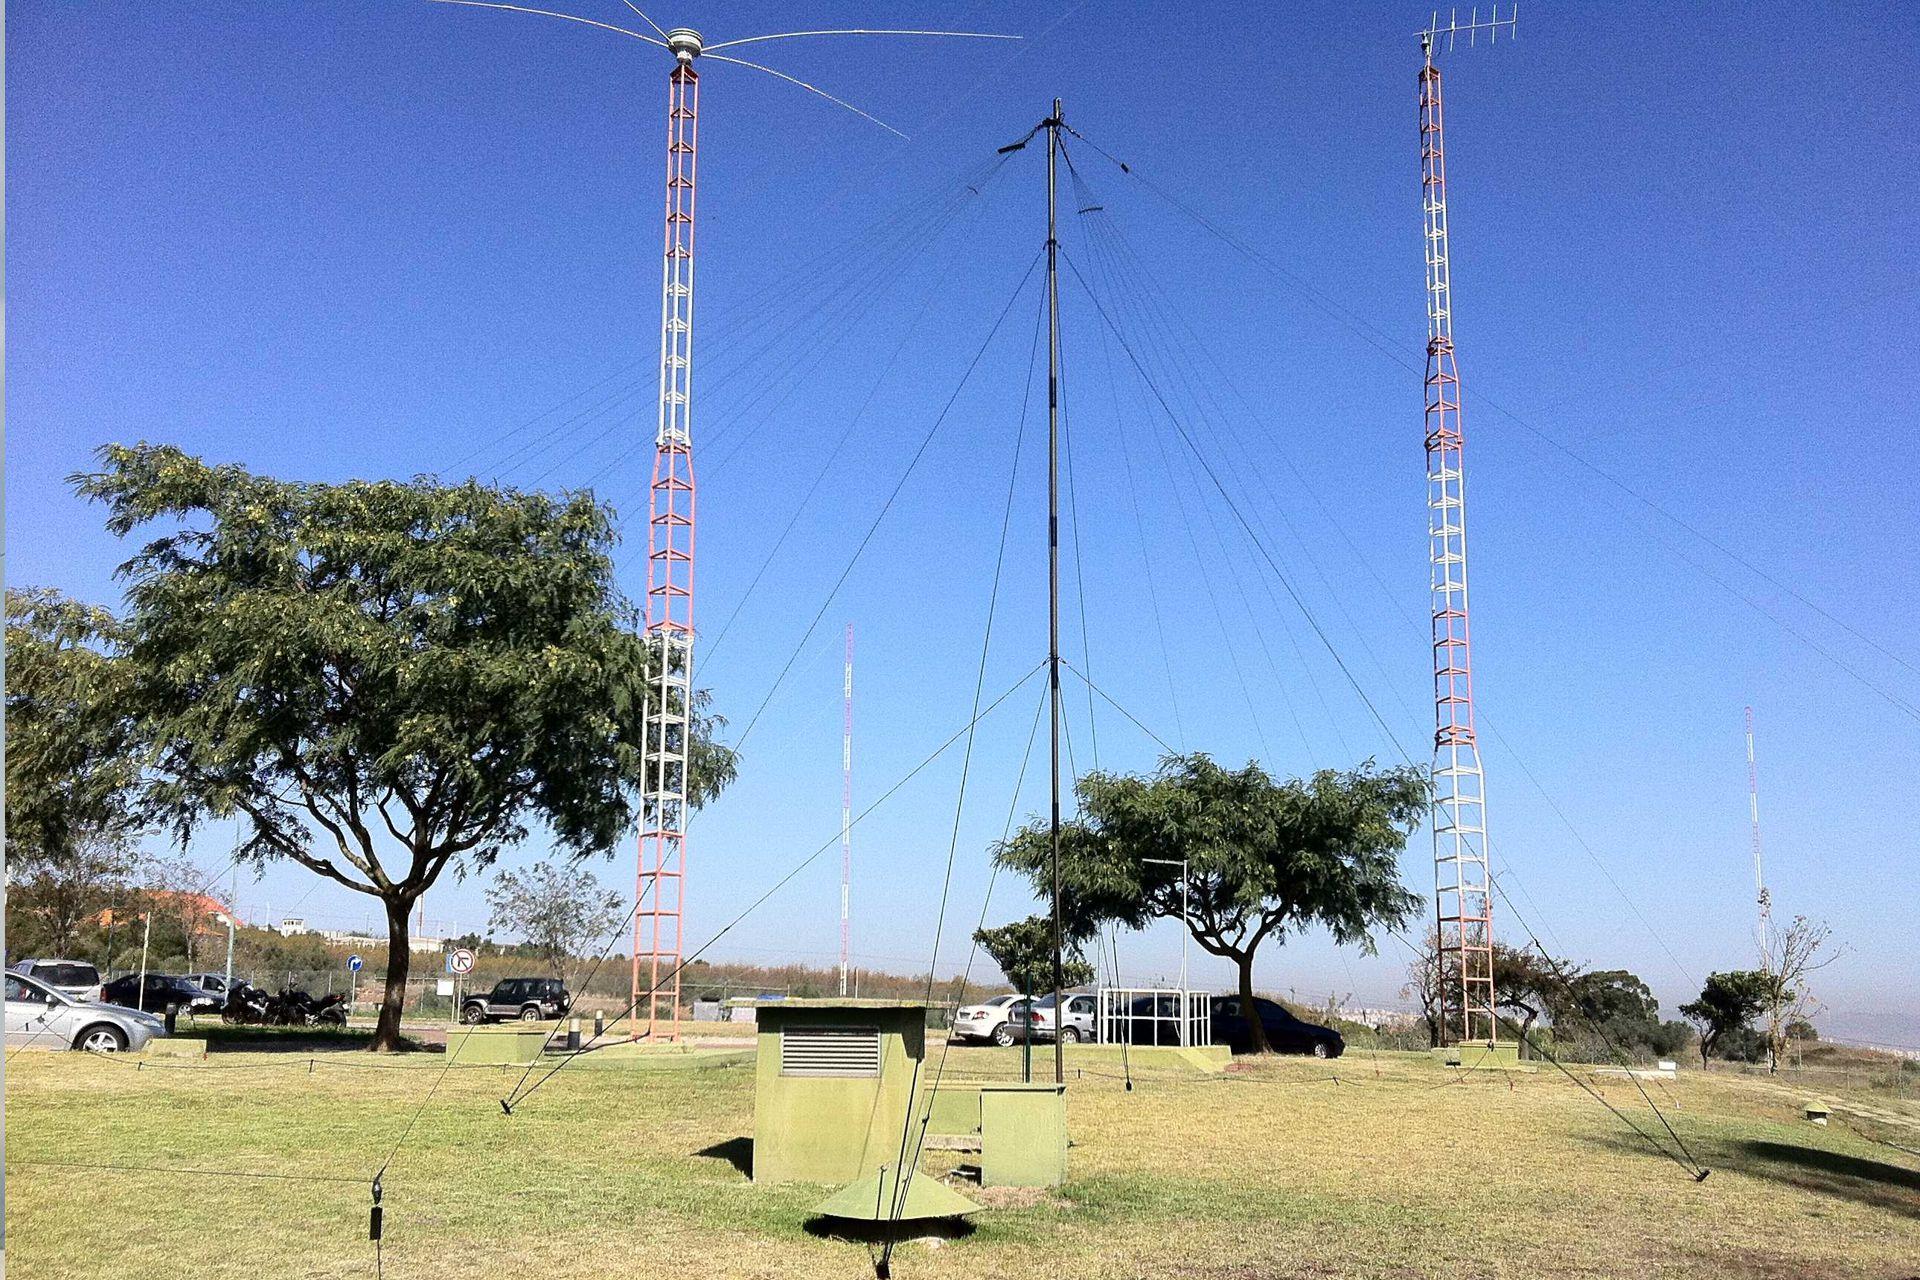 HF antennas 2 - 30 MHz